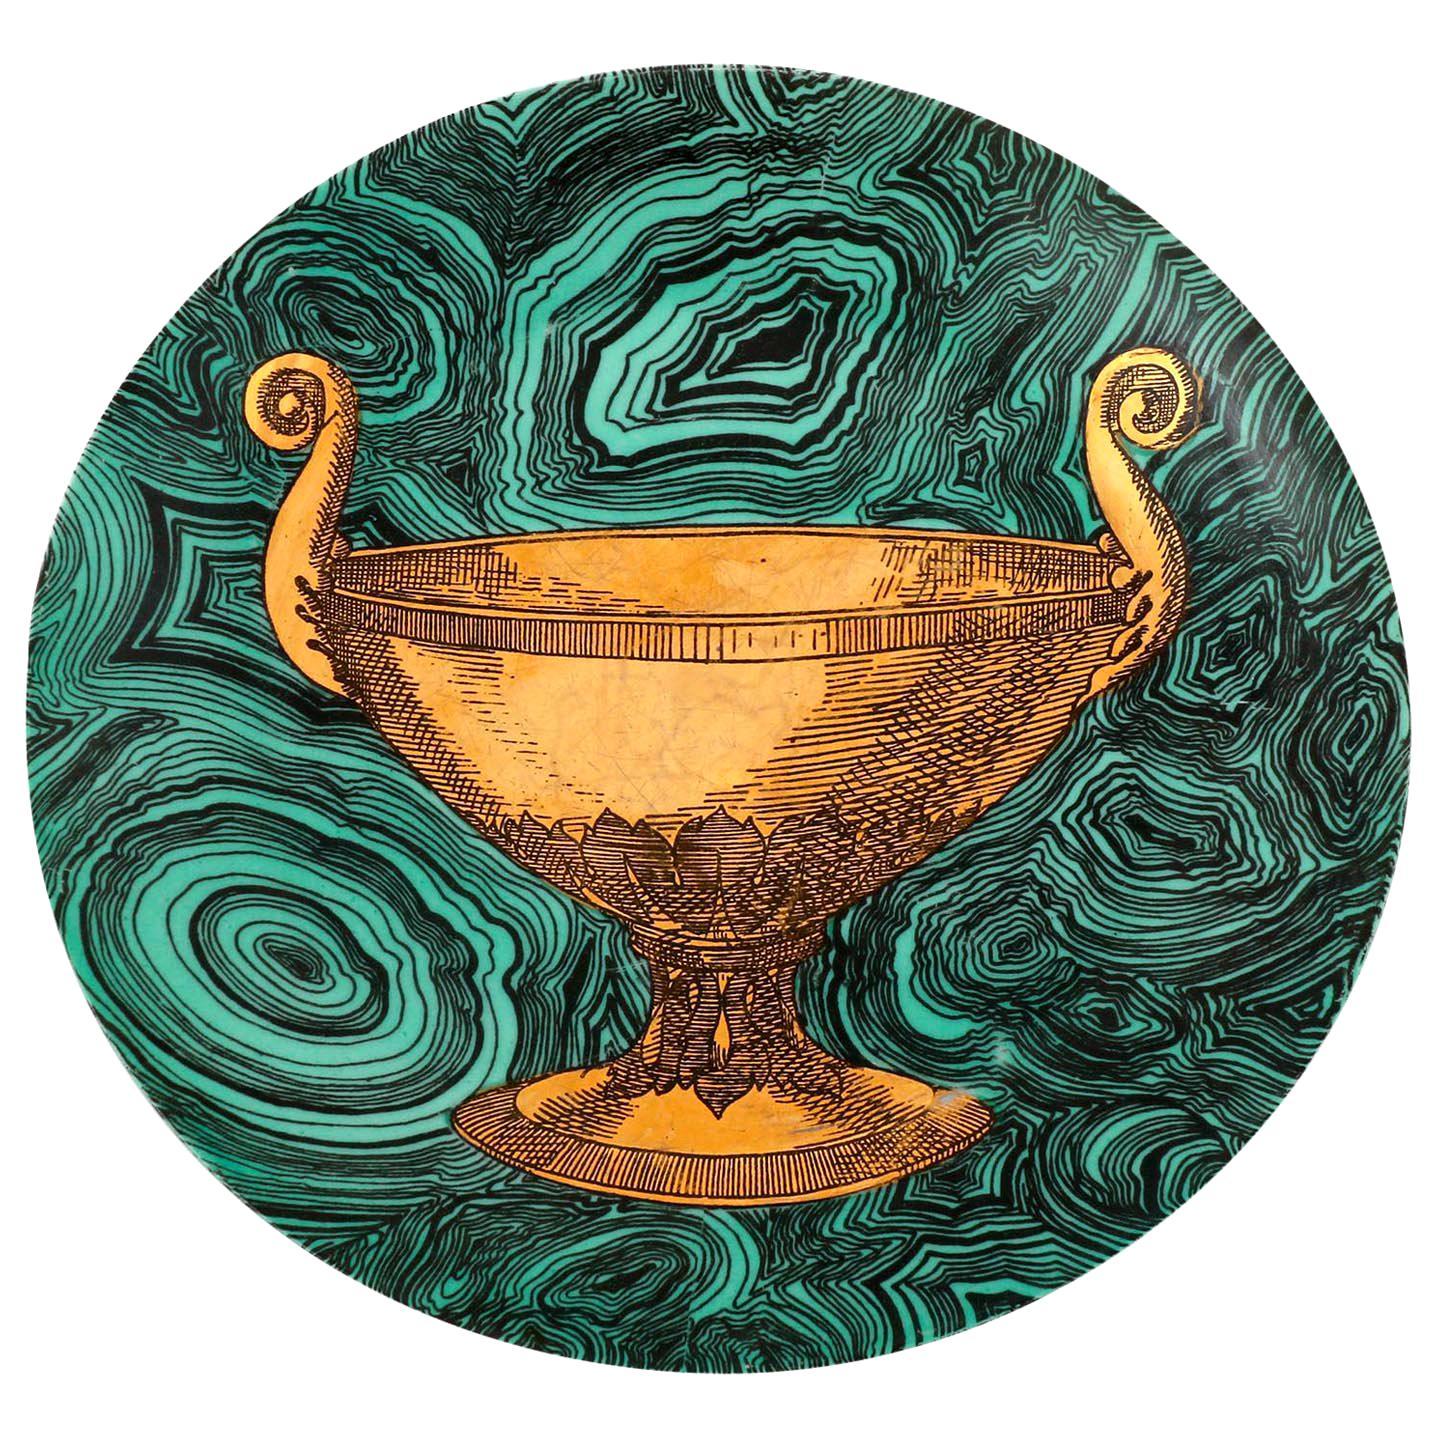 Piero Fornasetti Malachite Green Plate Stoviglie No. 4, Milano, Italy, 1955